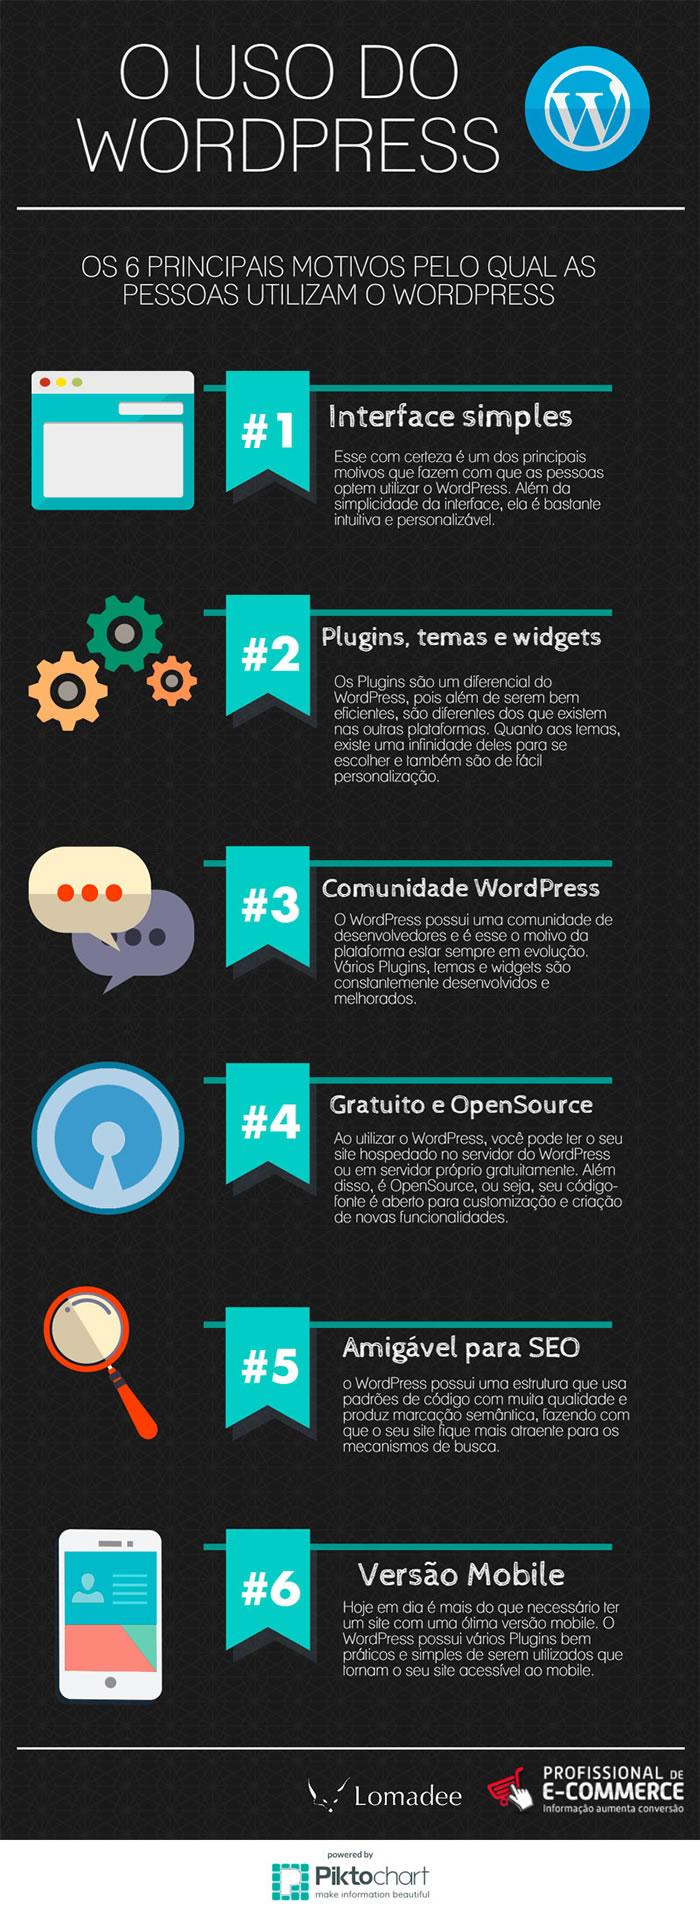 Veja os motivos que fazem do WordPress a melhor plataforma para blog